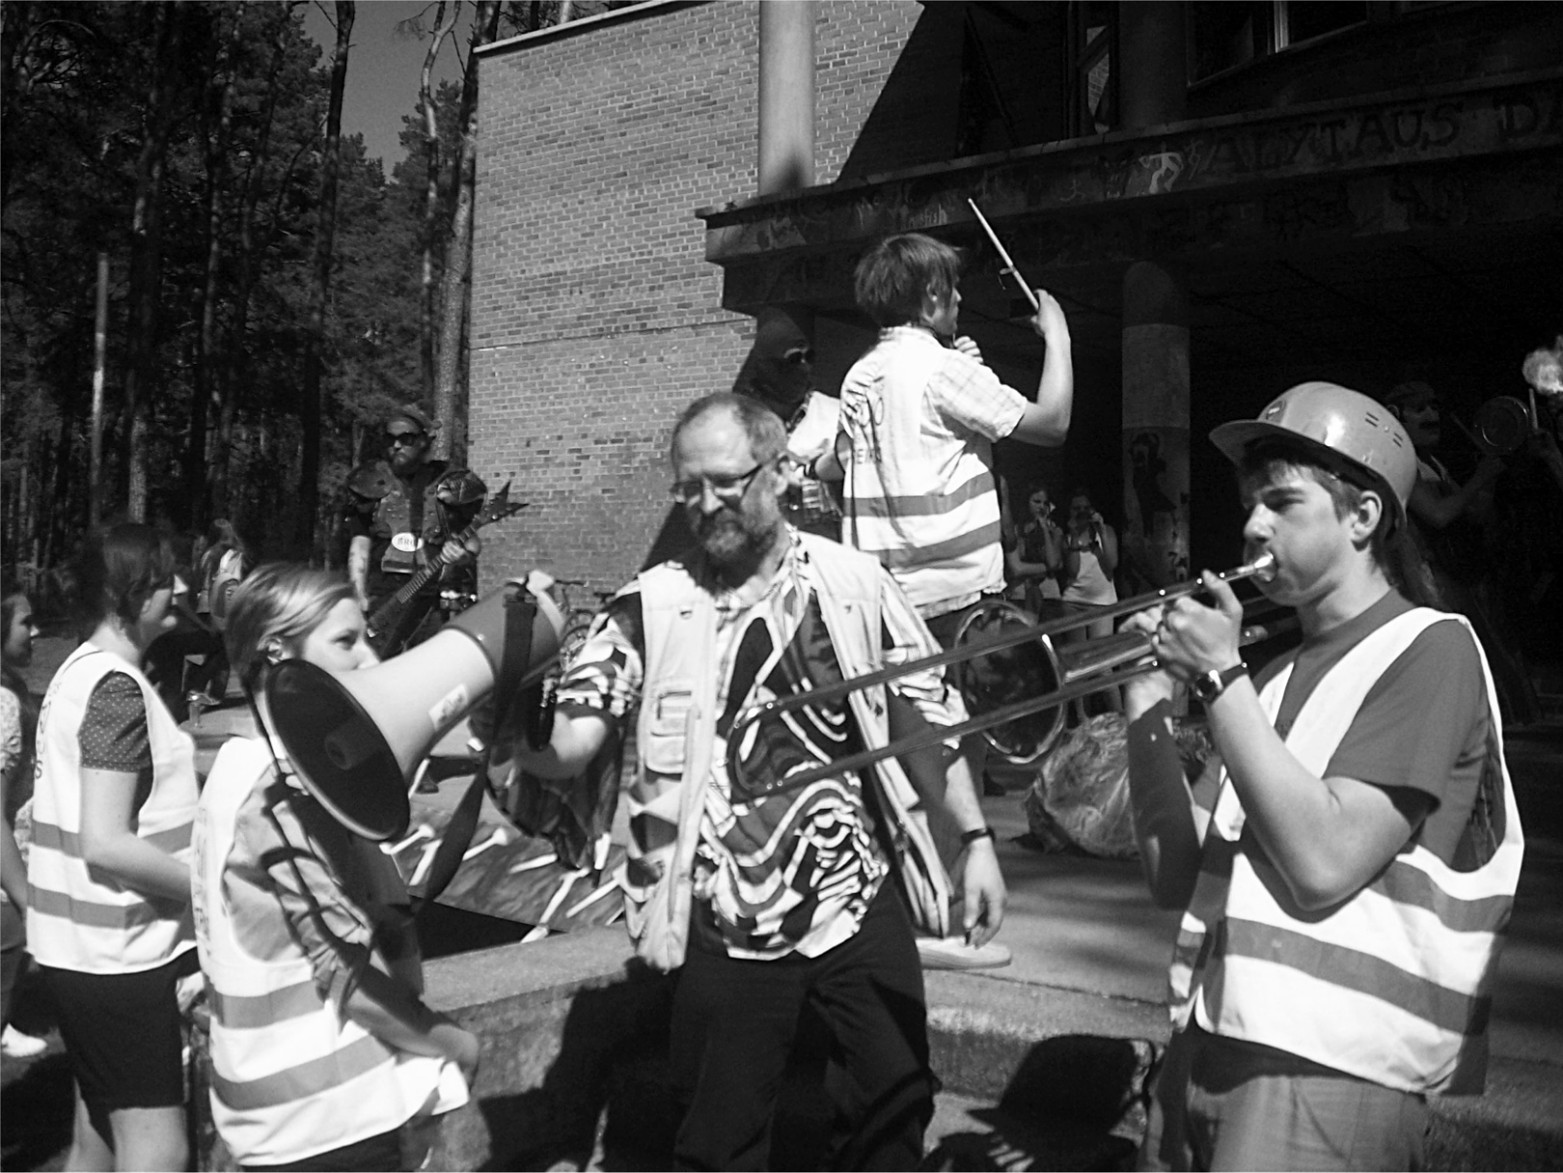 Gegužės 1-osios demonstracija prie Alytaus dailės mokyklos, 2012. Alytaus DAMTP nuotr.